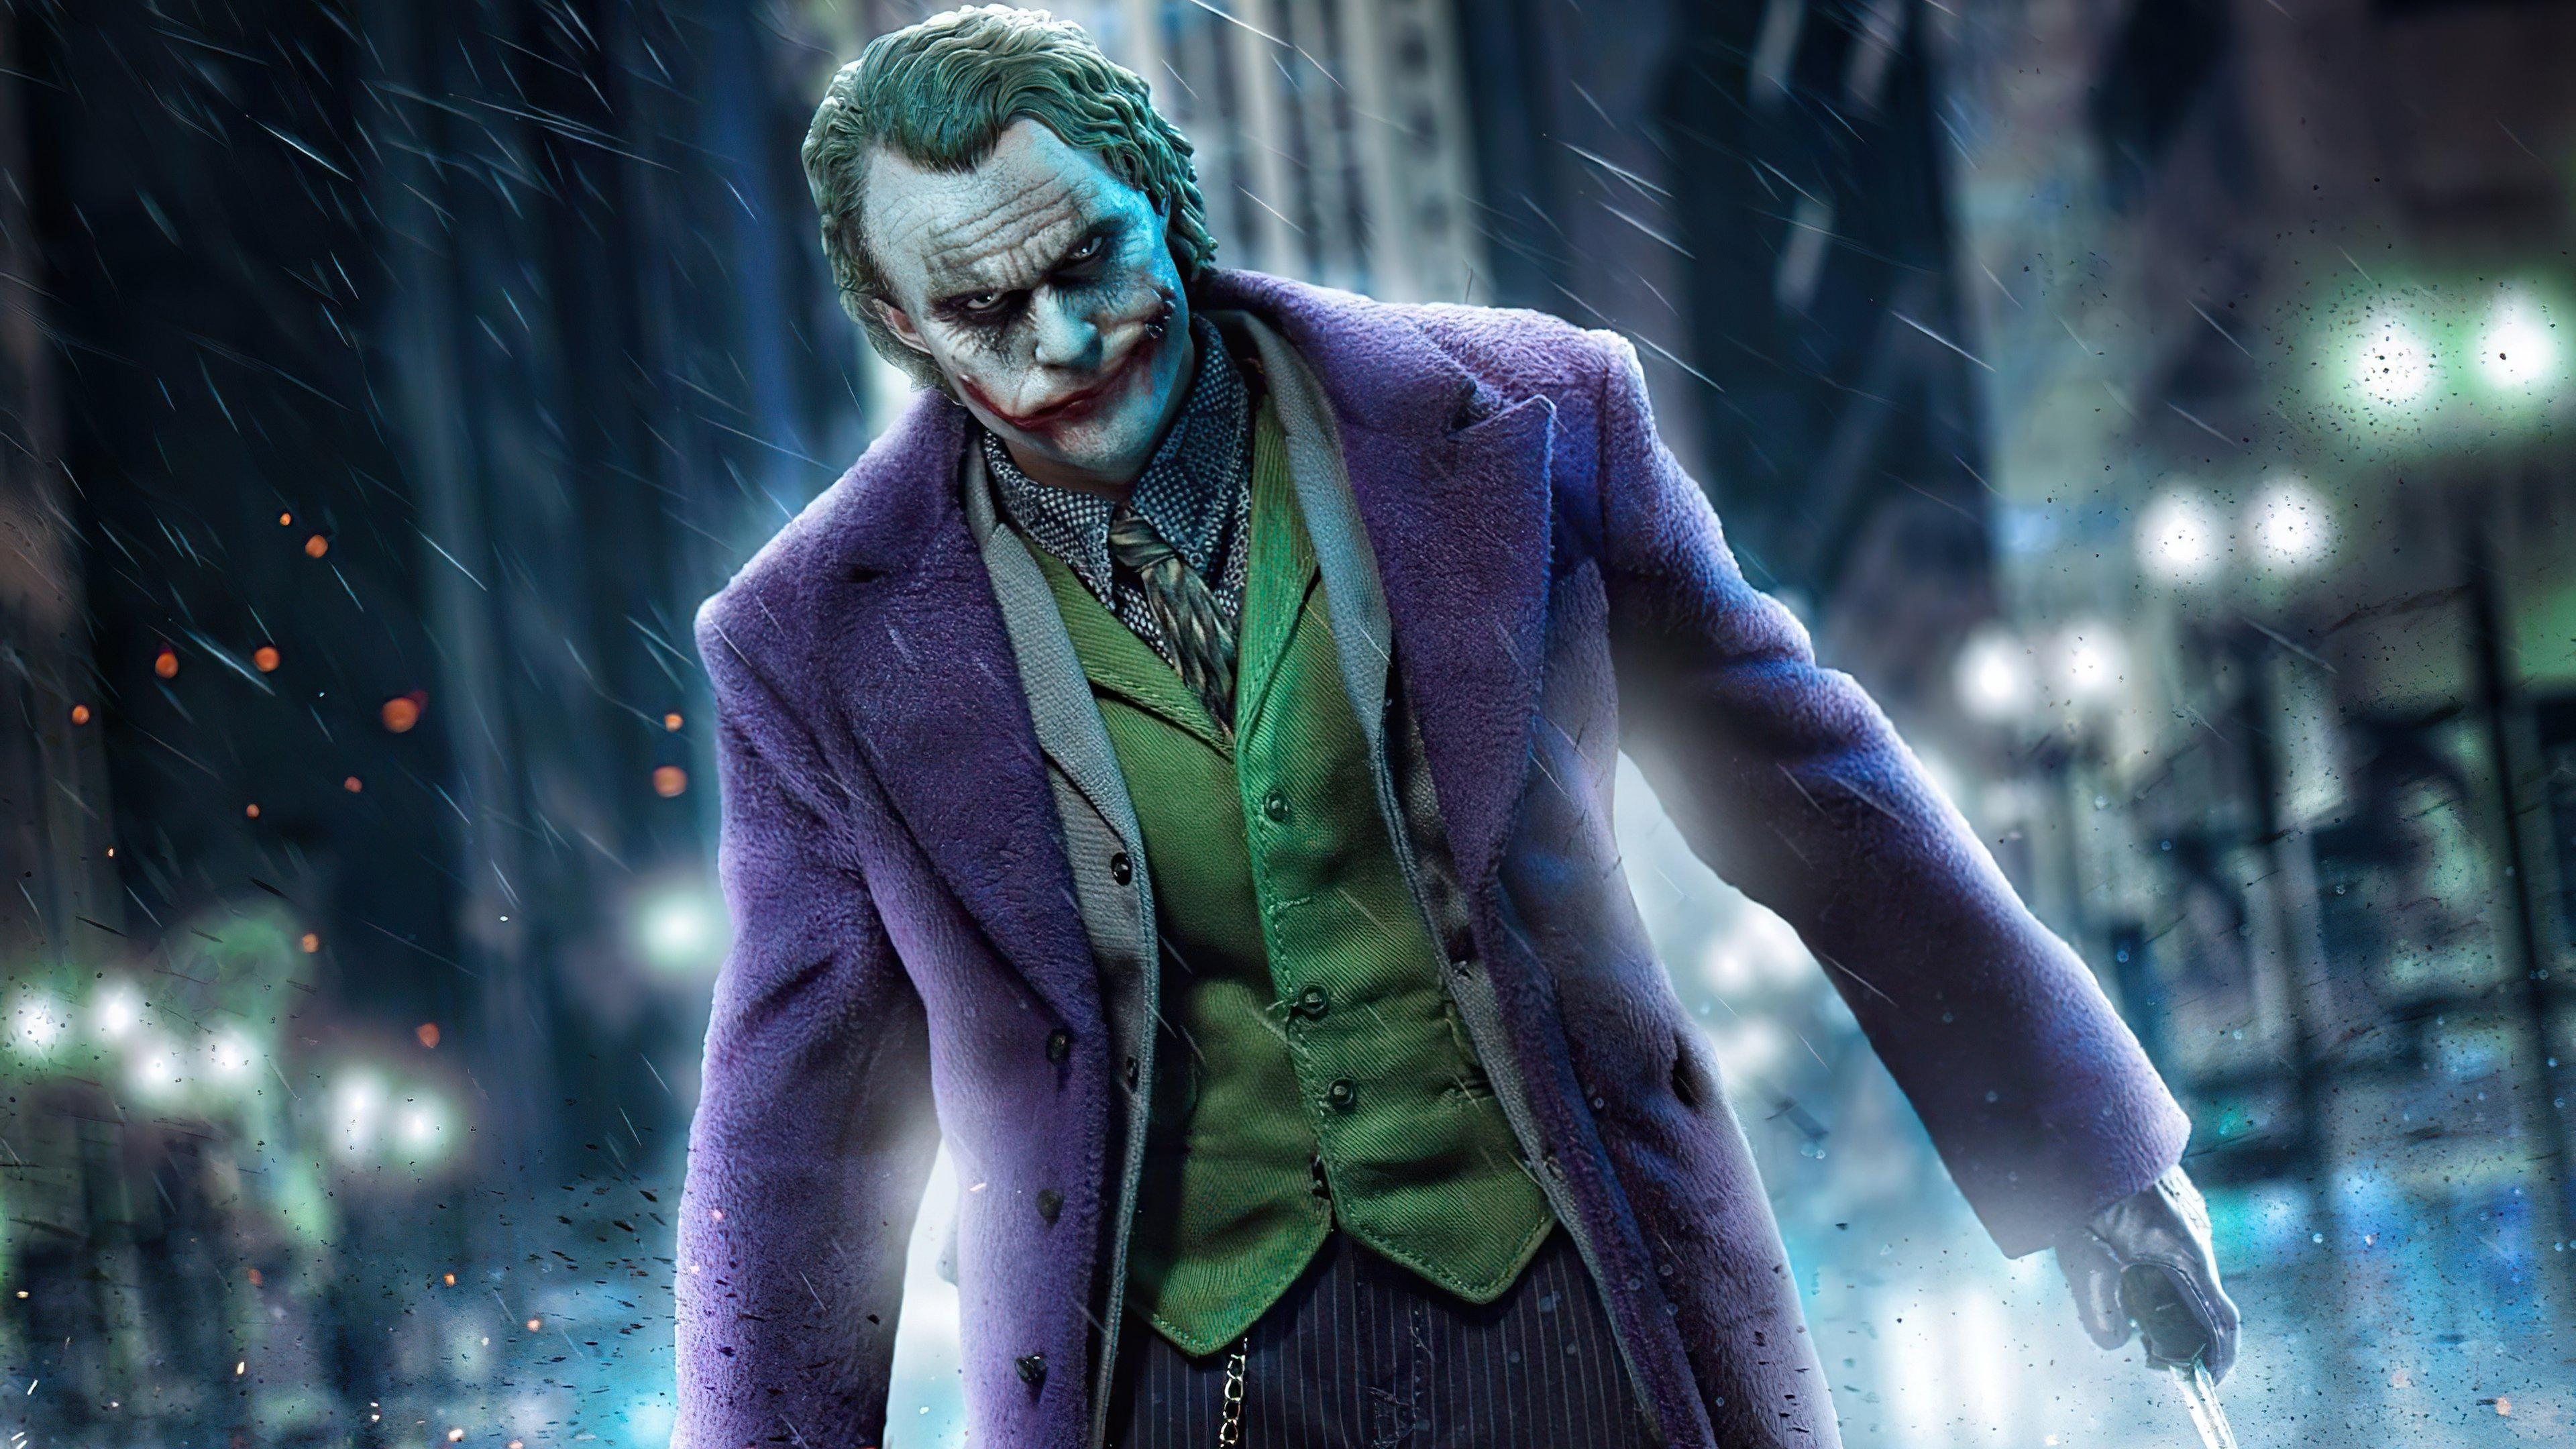 Wallpaper Joker Poster